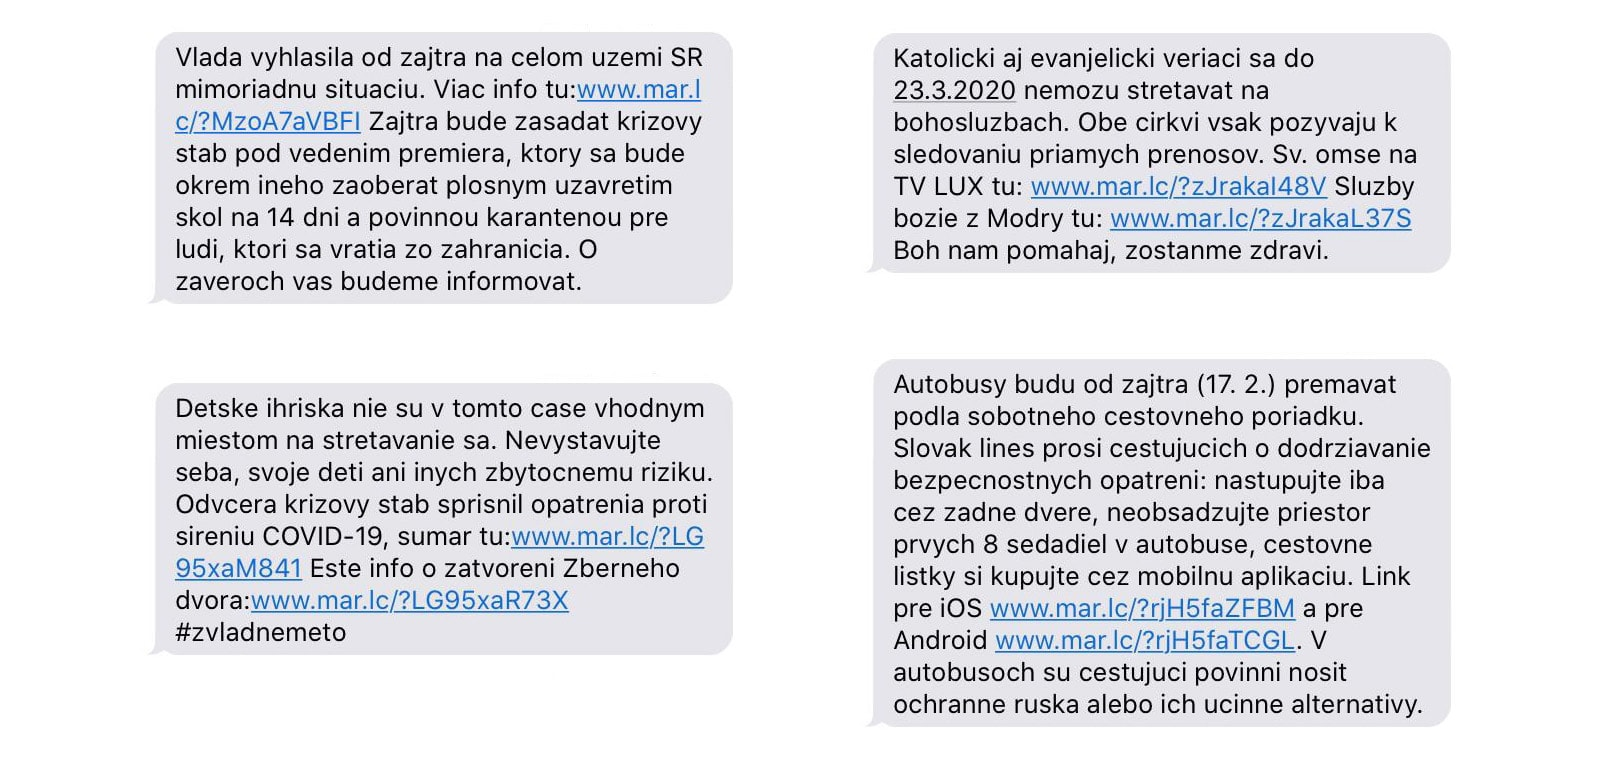 Ukázka už probíhajícího SMS rozhlasu na Slovensku